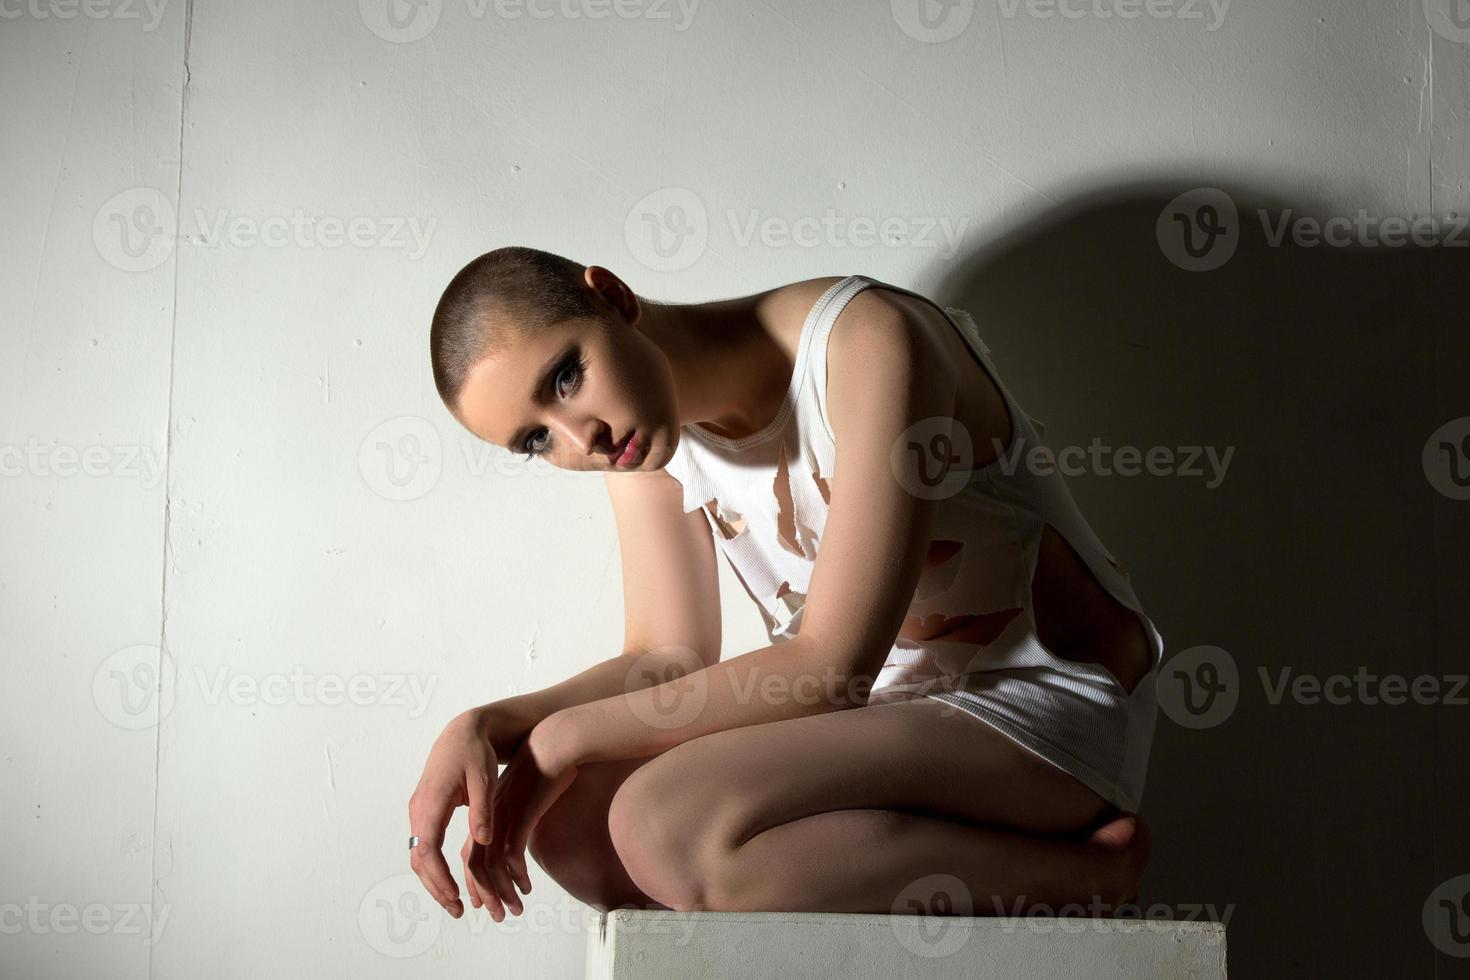 garota skinhead posando como paciente de asilo lunático foto